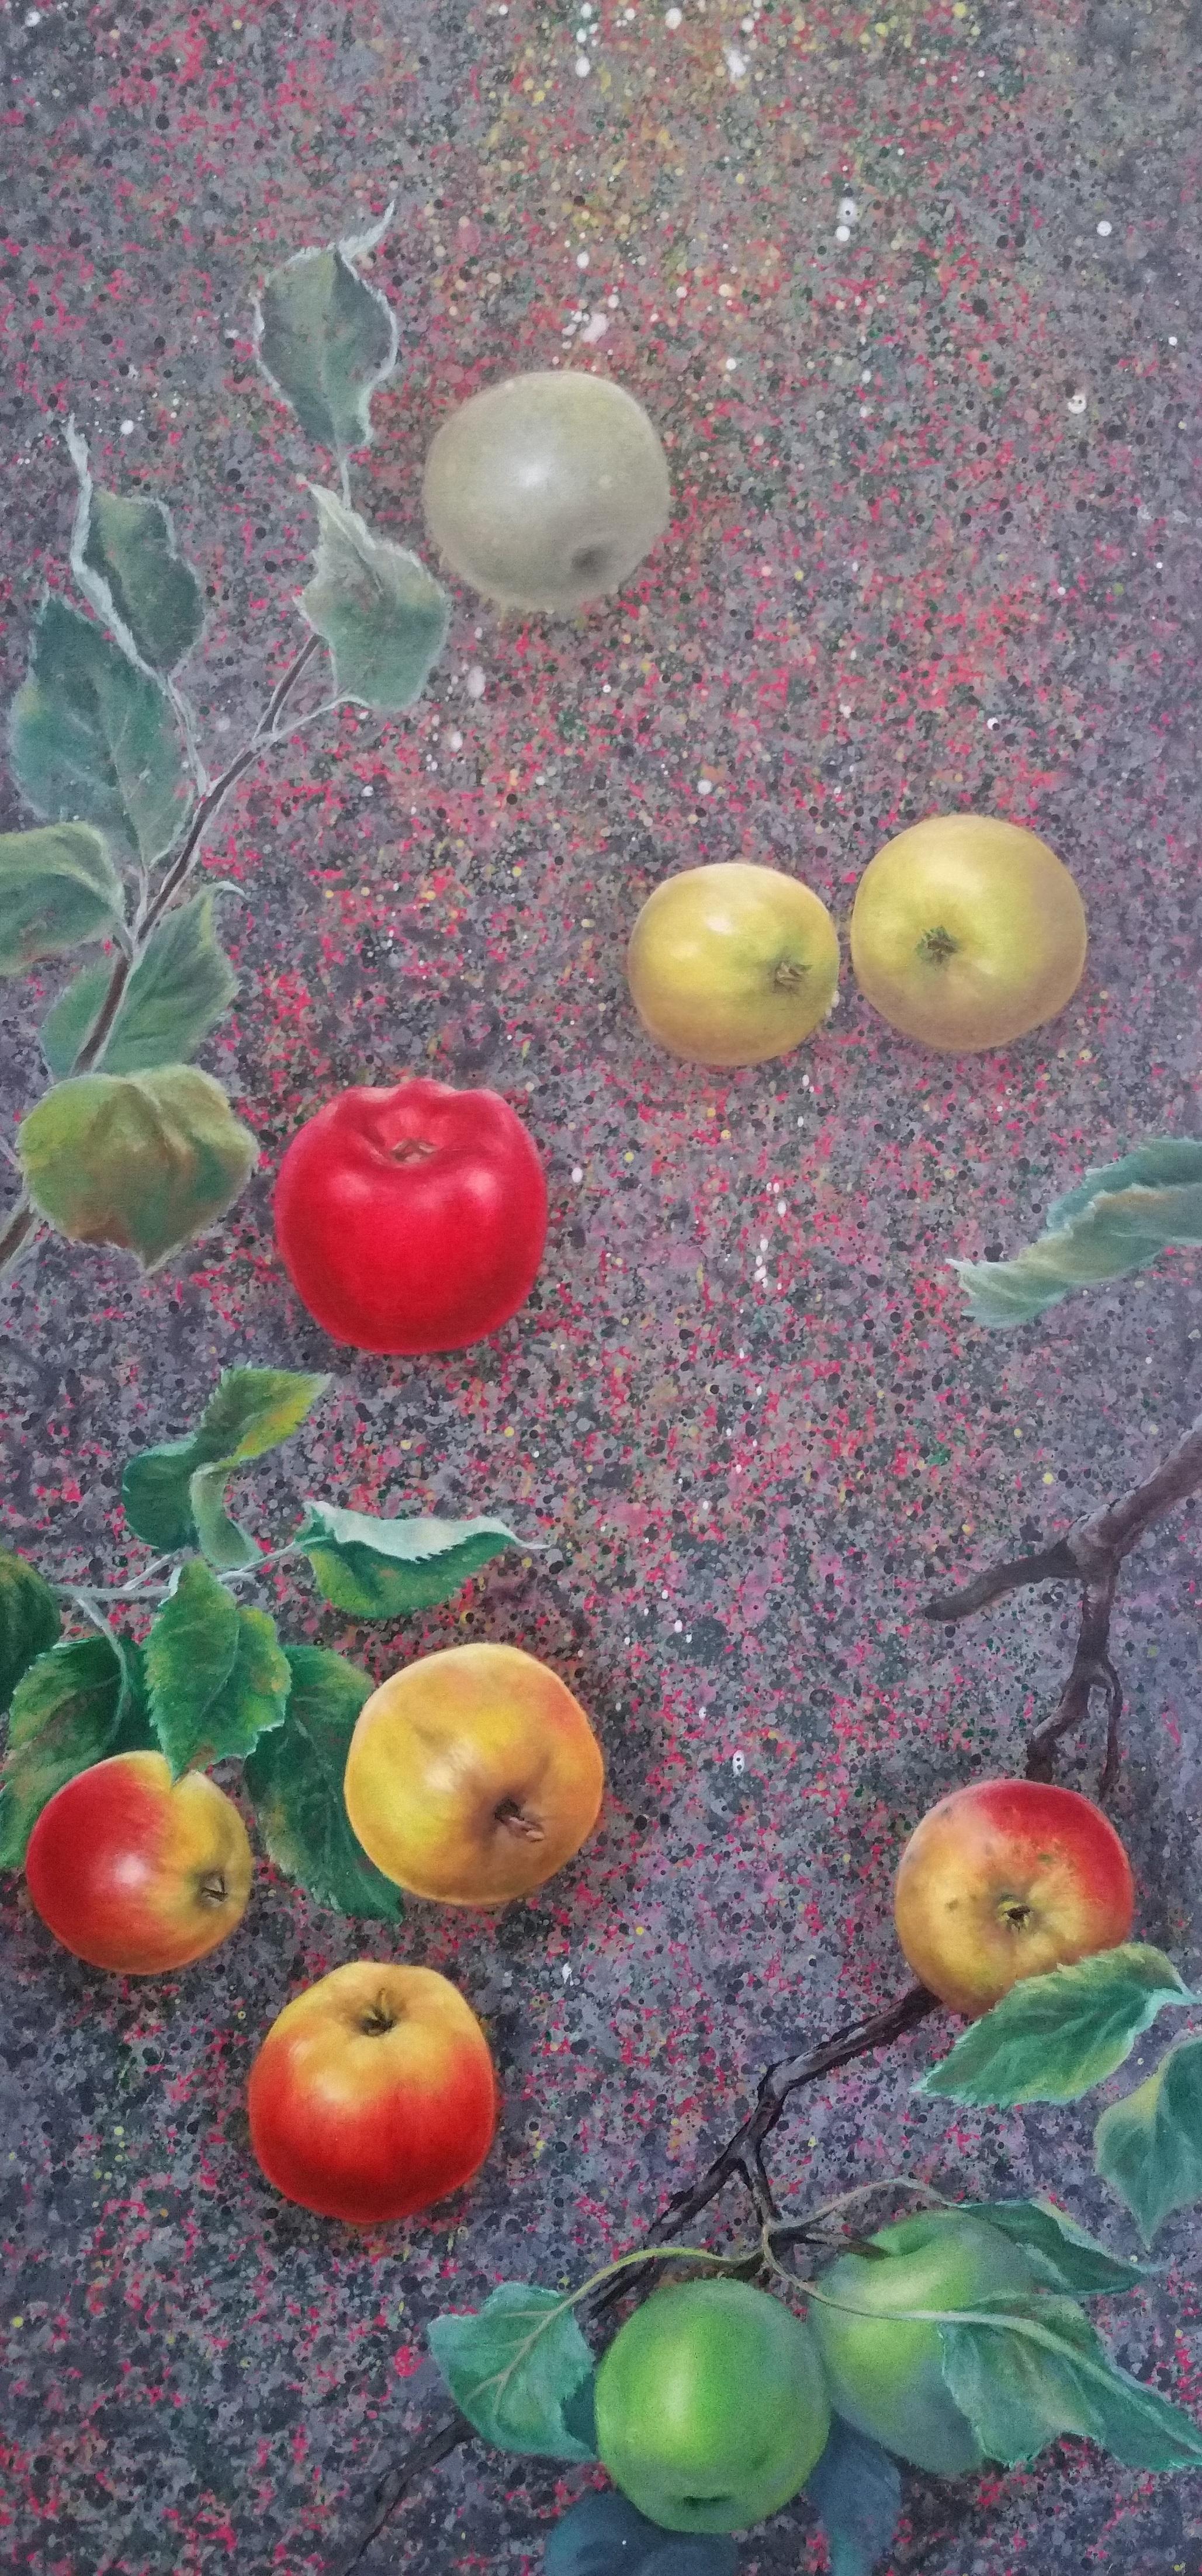 fruits 10